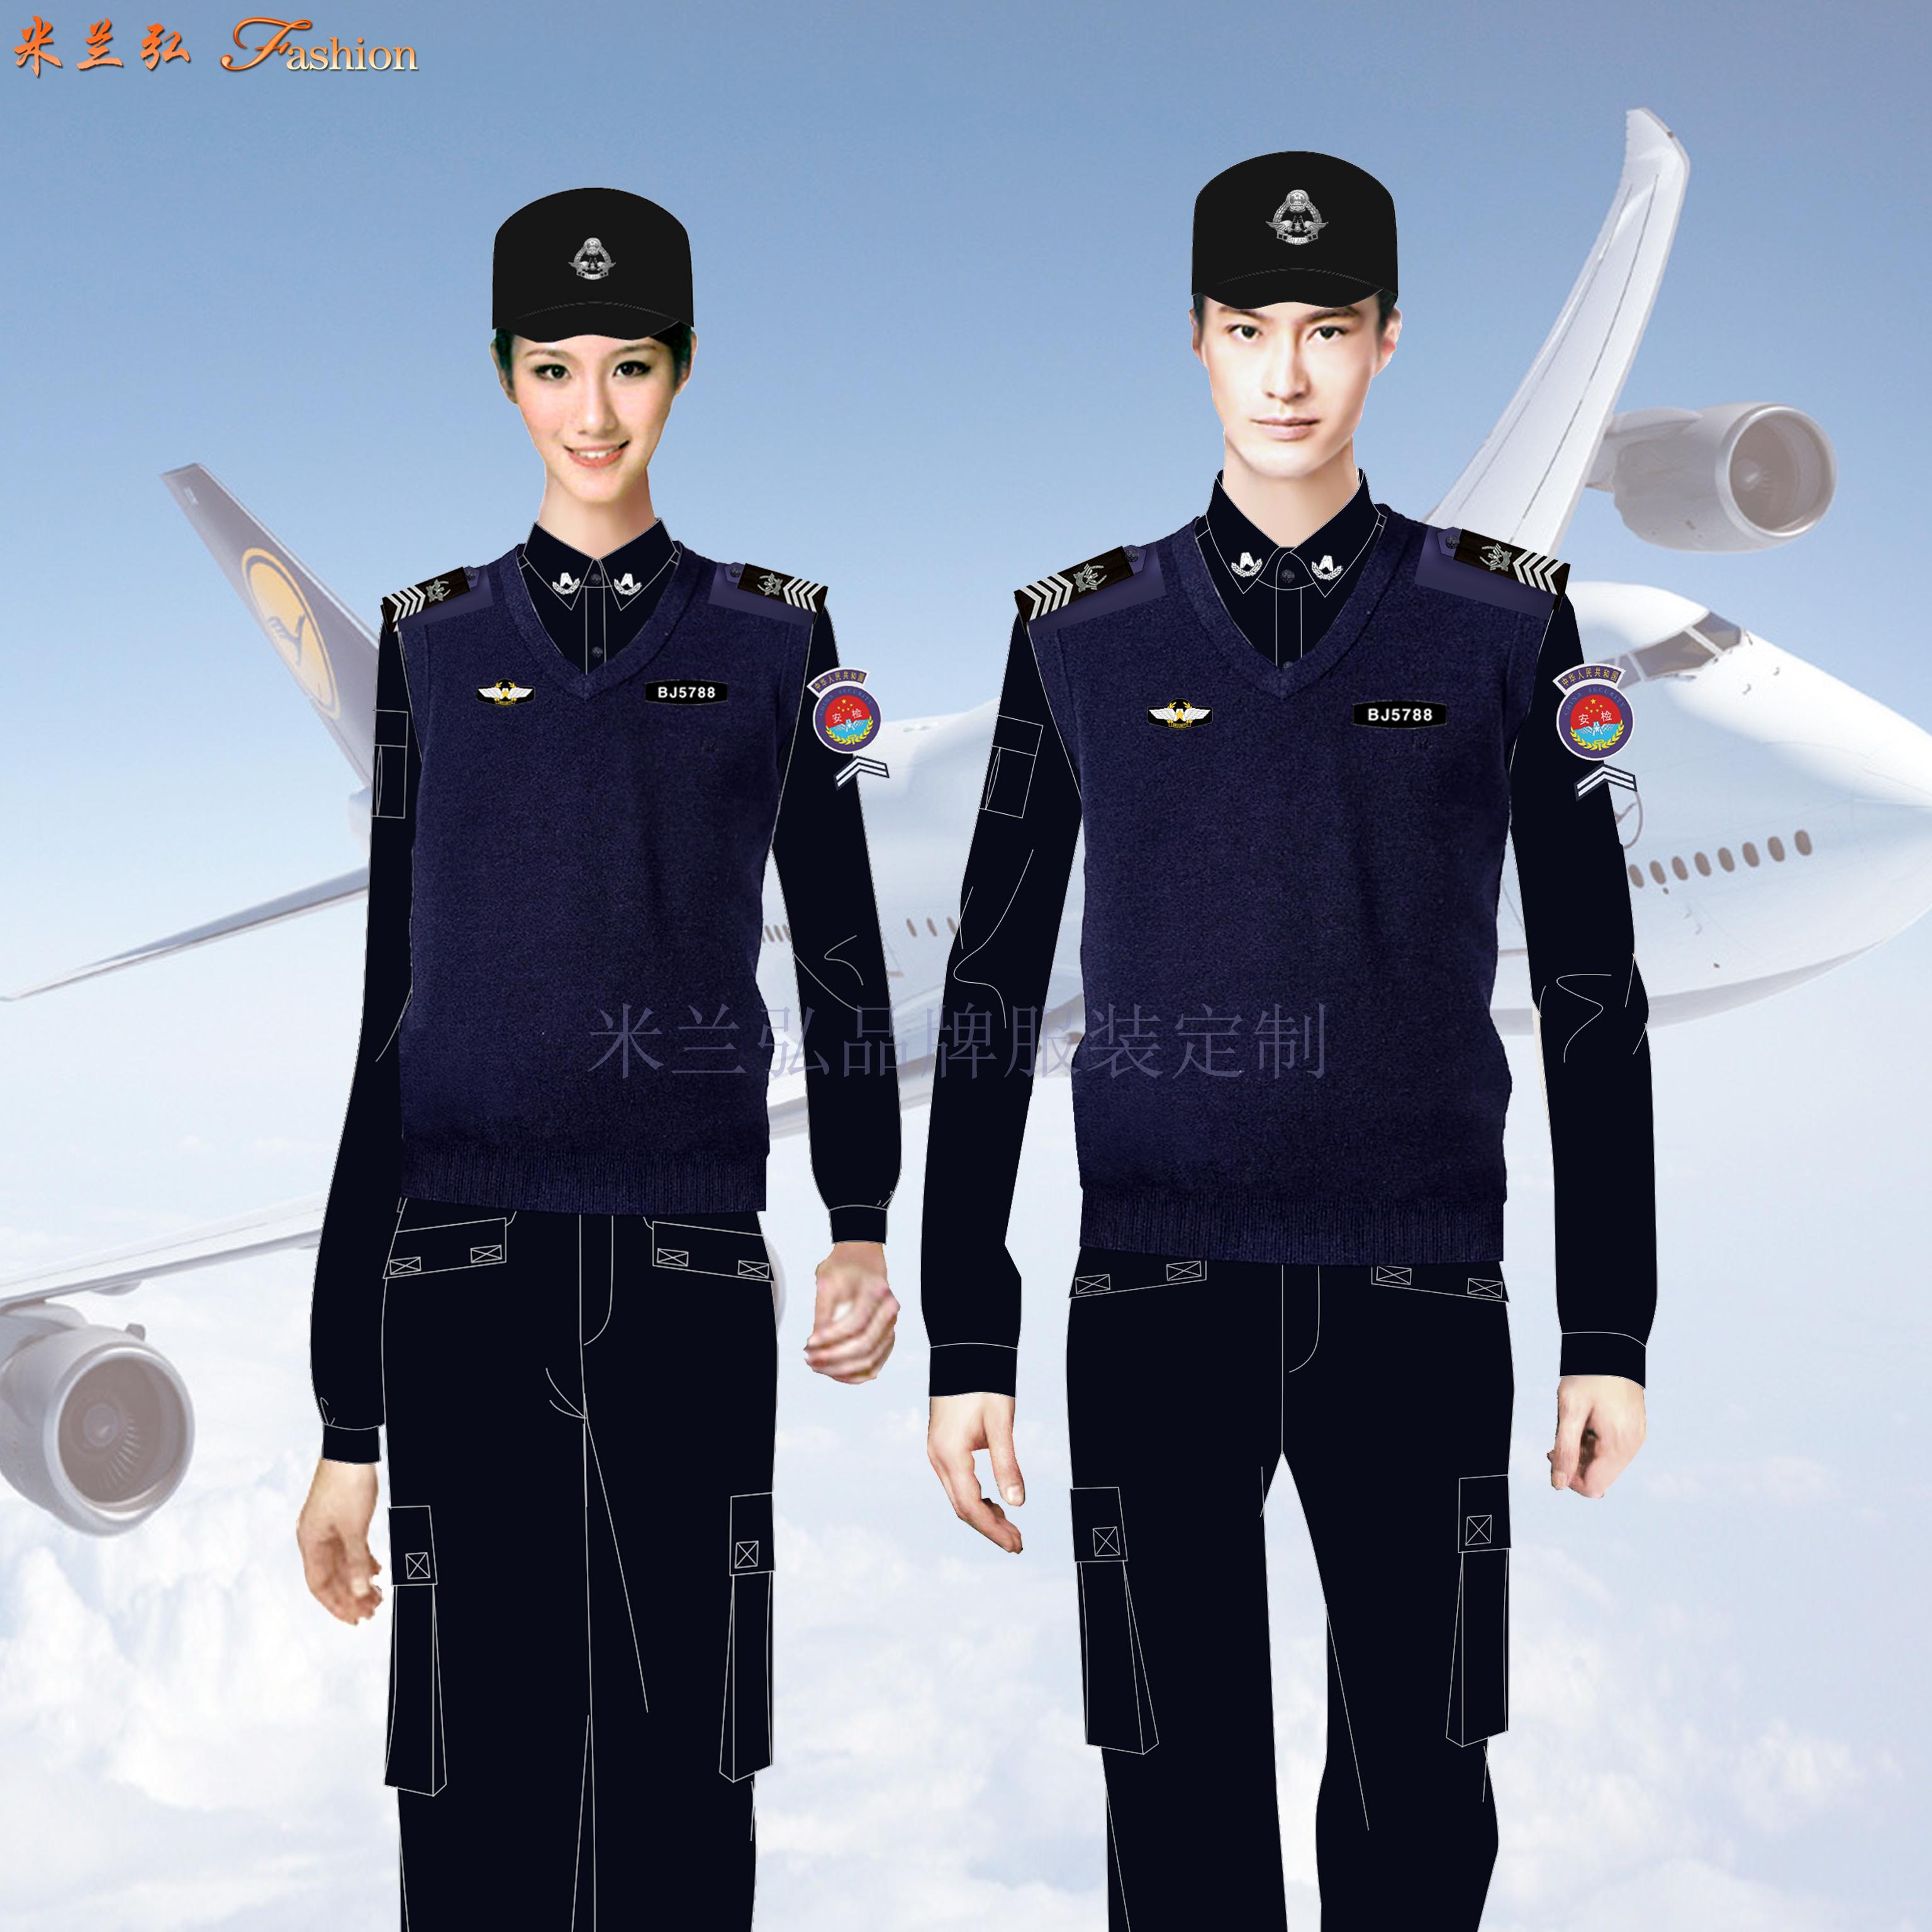 「北京安检服订做」「地铁安检服定作」「城轨安检服定制」👍-5